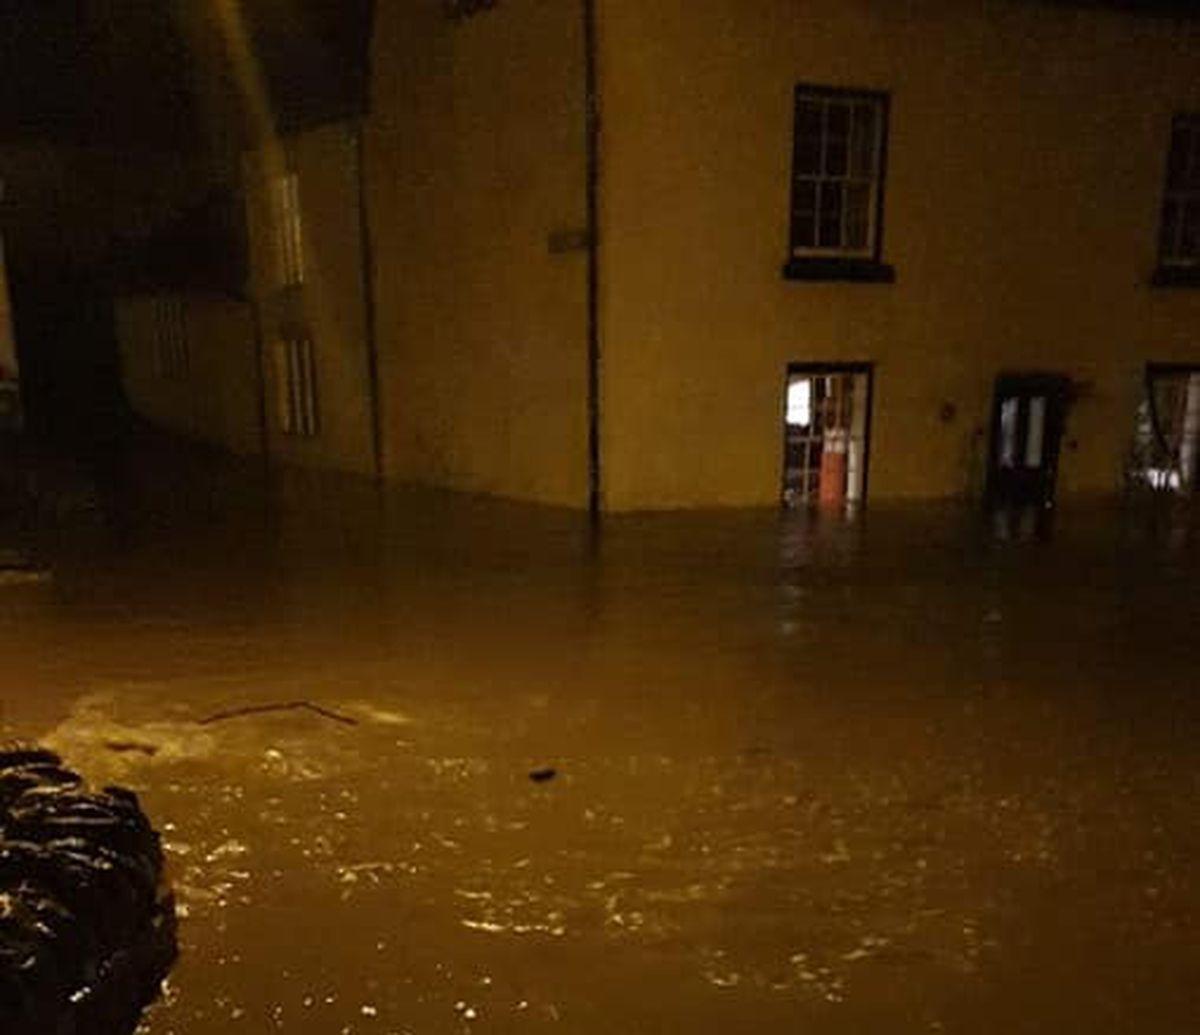 Storm Dennis flooding in Clun. Photo: Nicola Owen